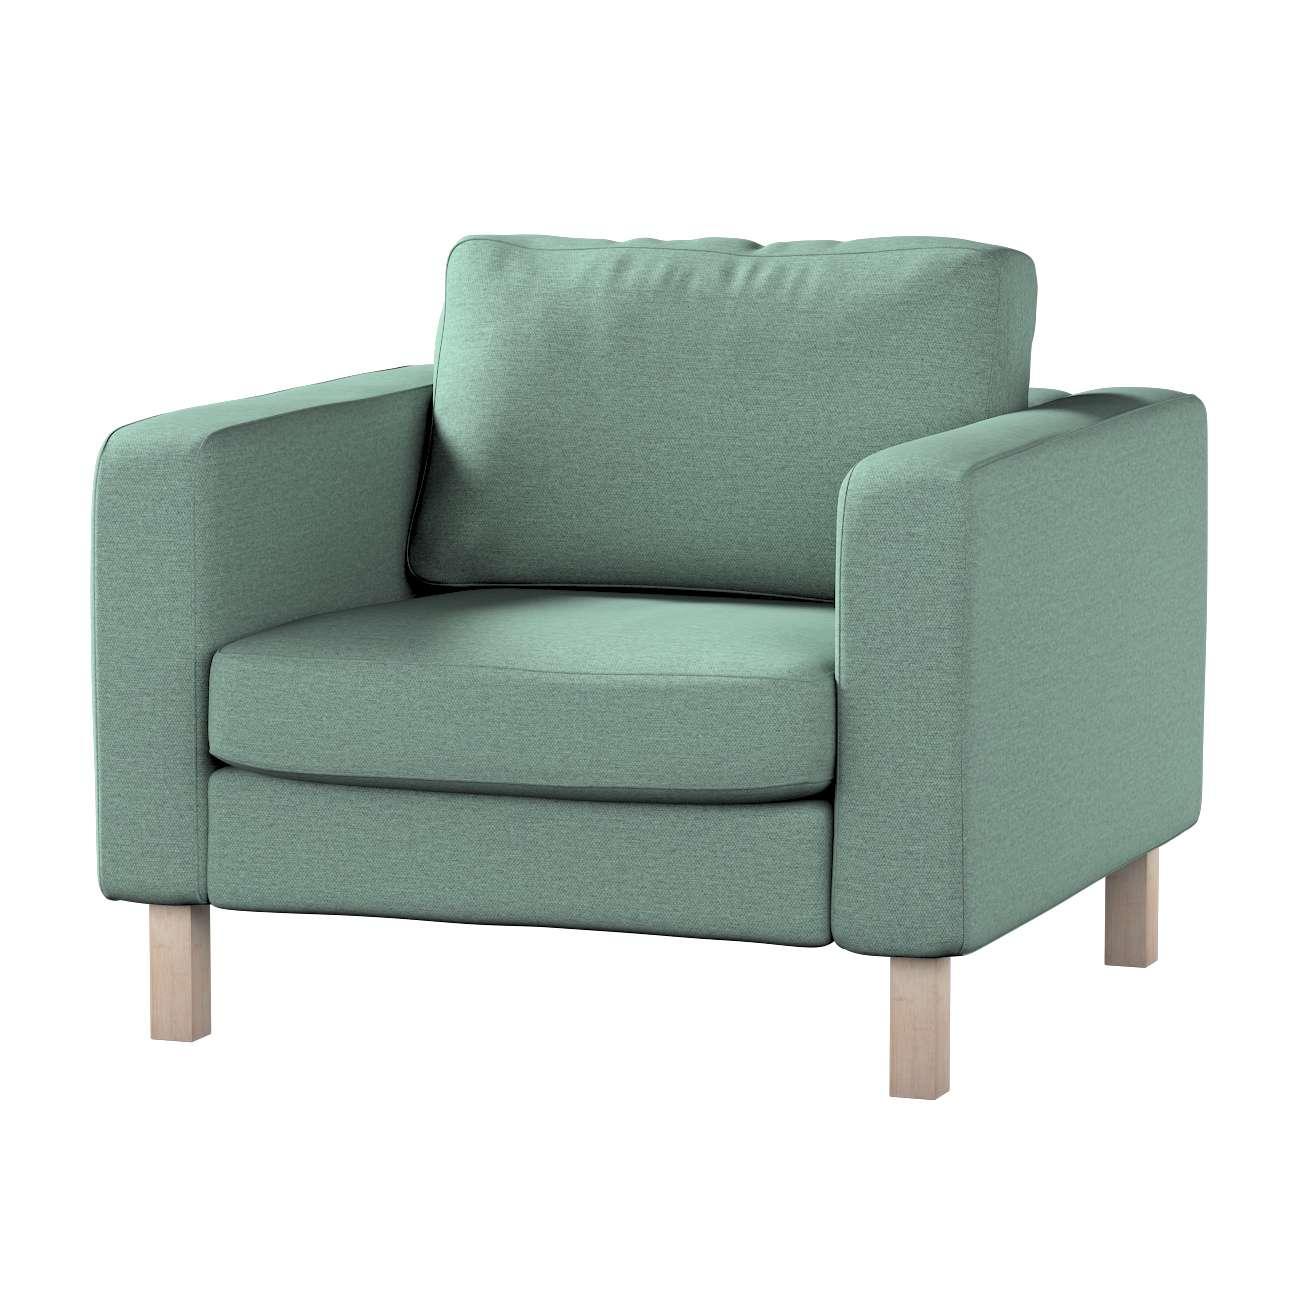 Karlstad päällinen nojatuoli mallistosta Madrid, Kangas: 161-89